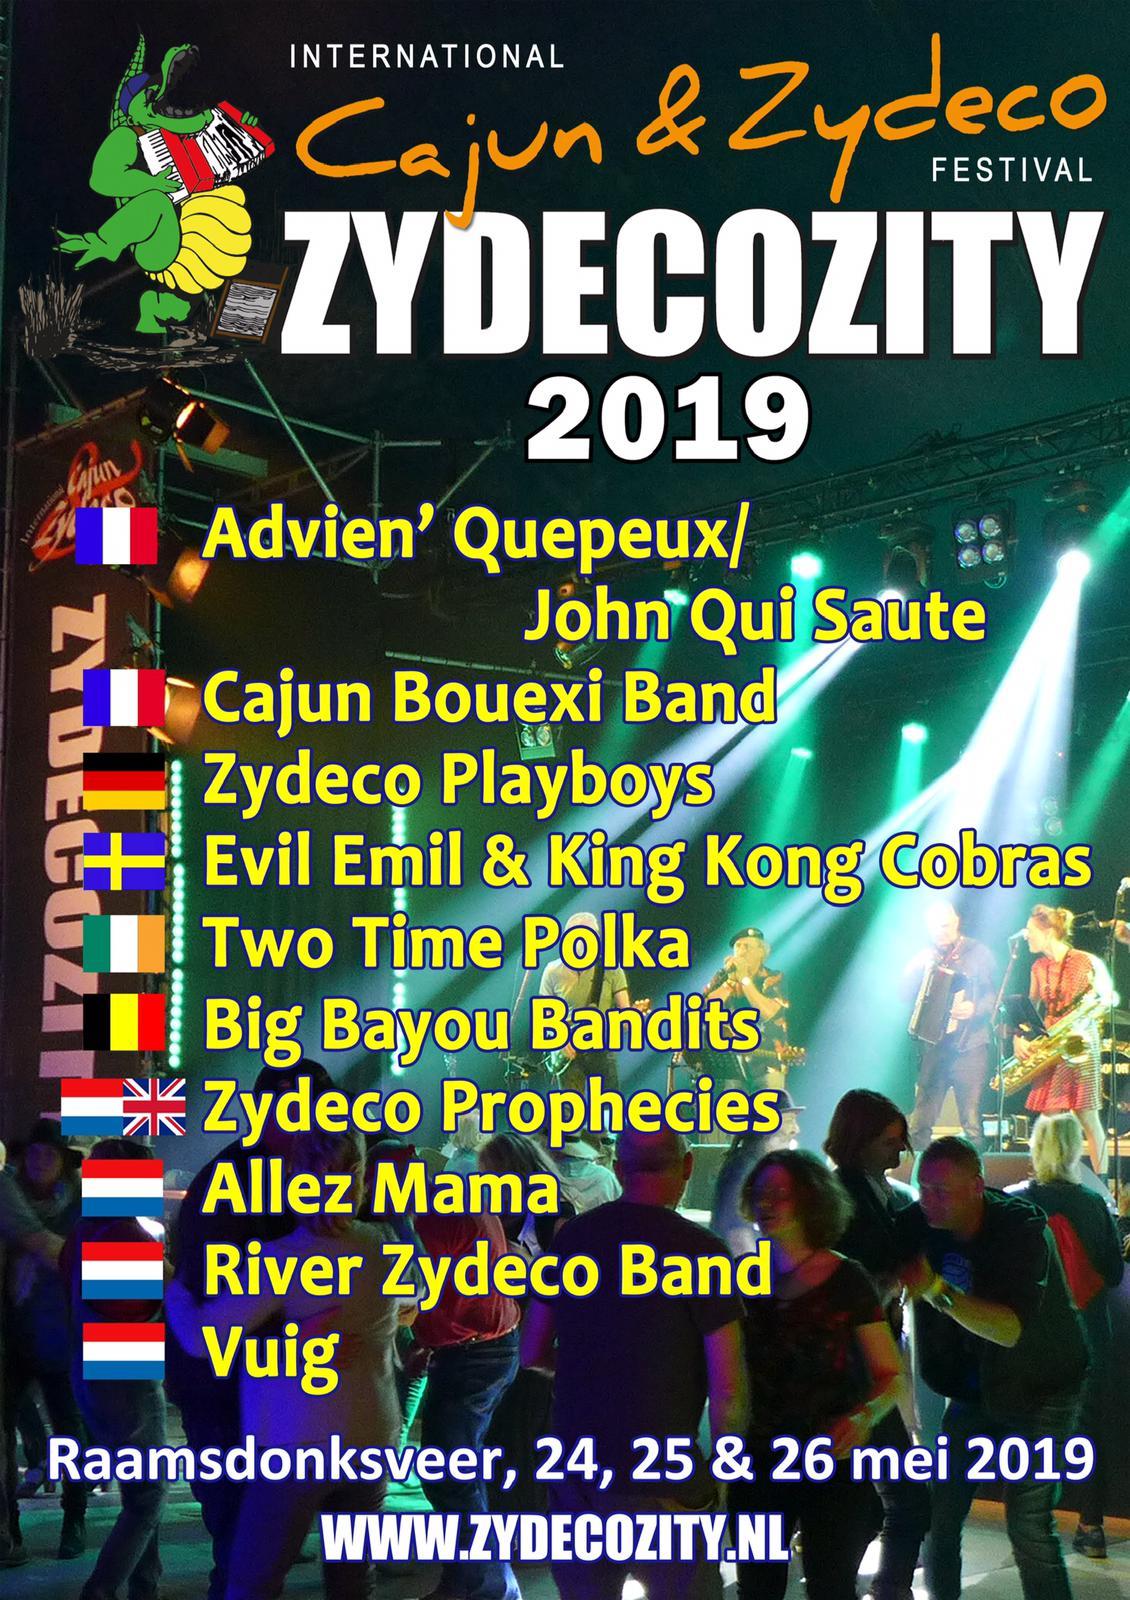 Zydecozity festival 2019